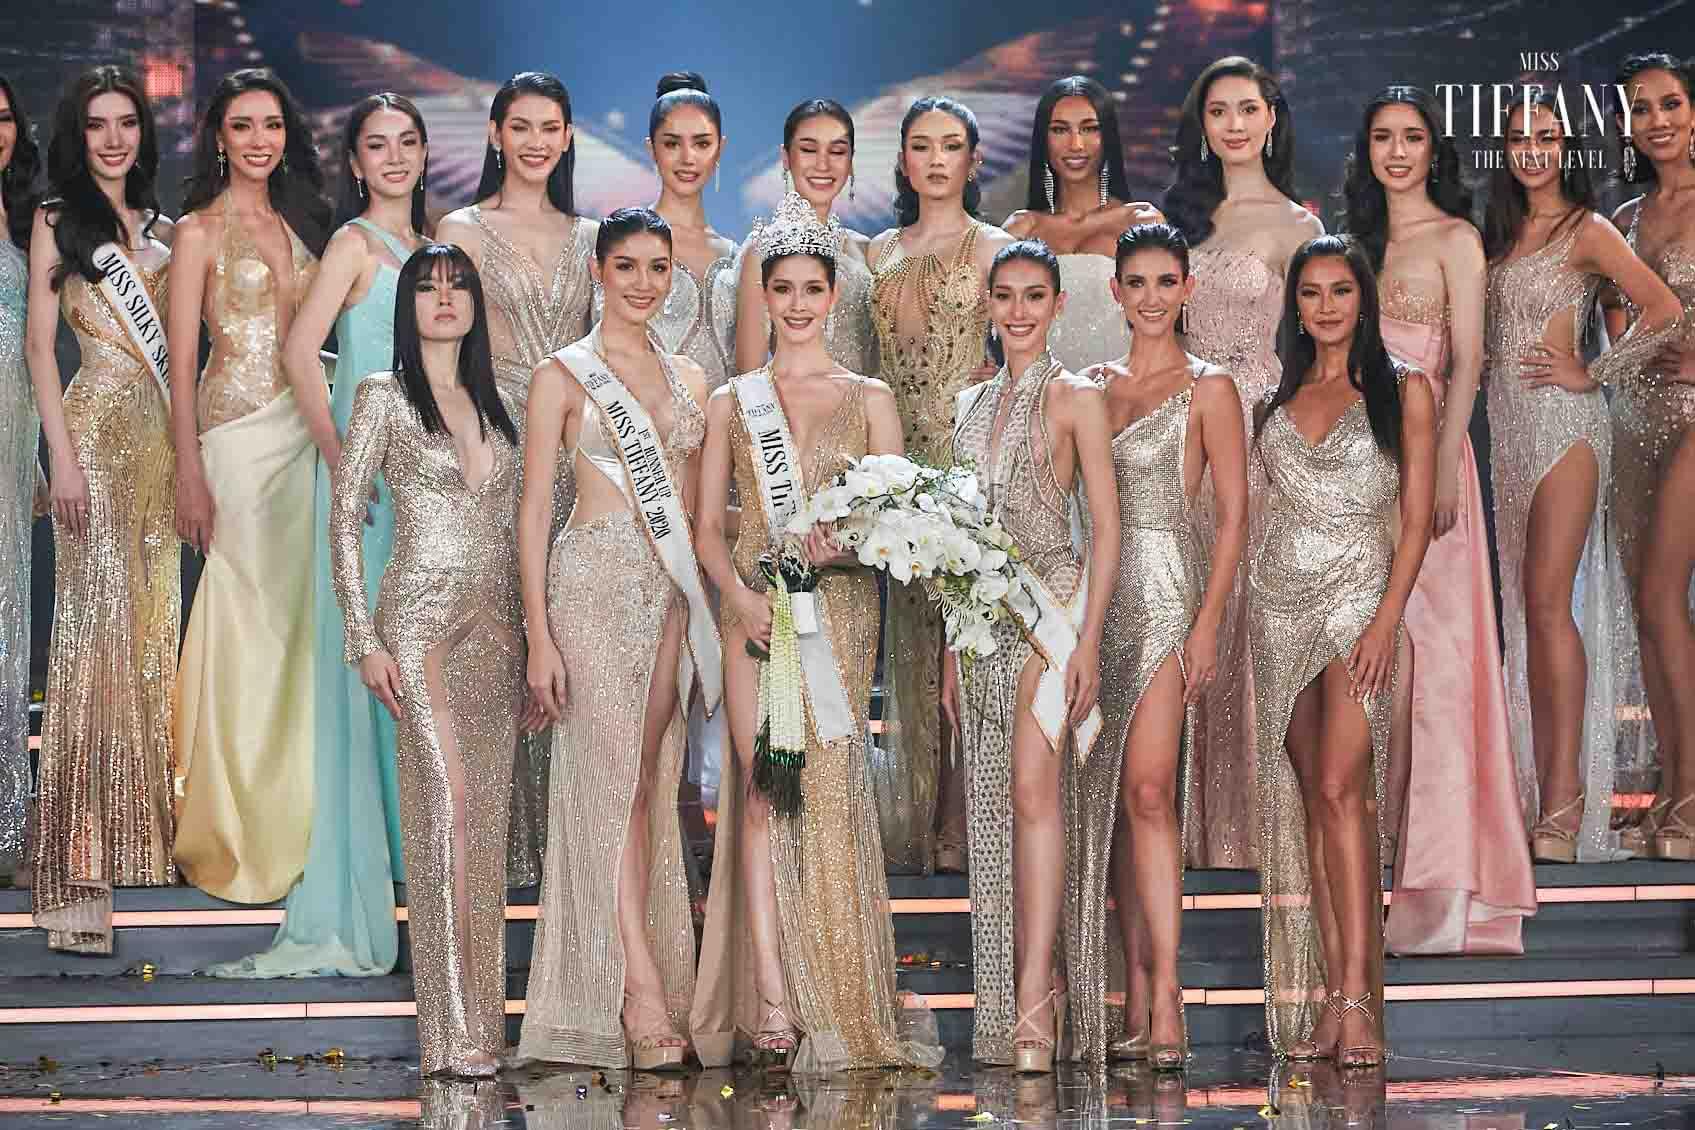 """Từng được hô tên """"Hoa hậu Chuyển giới đẹp nhất Thái Lan"""", Nong Poy giờ mờ nhạt nhan sắc - 9"""